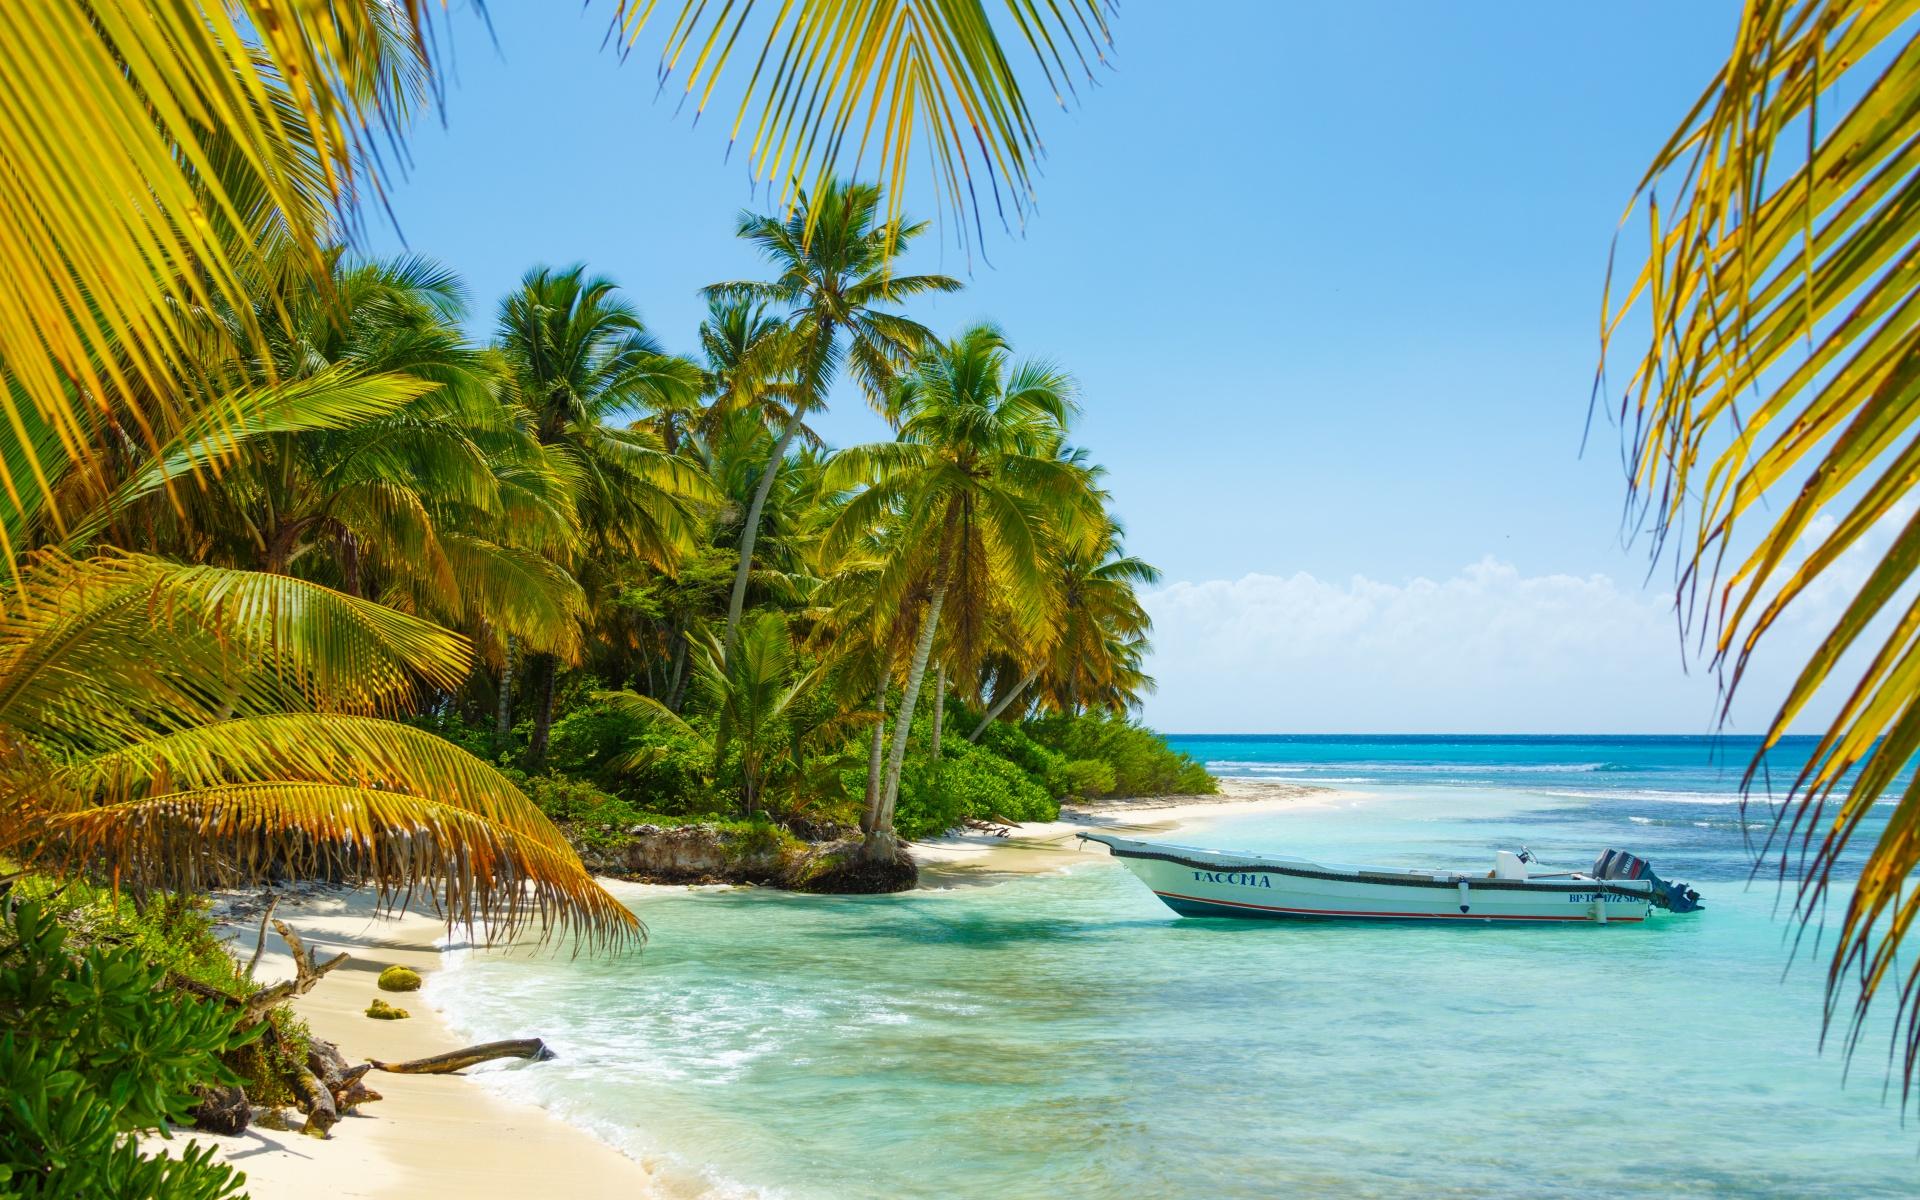 boat-in-caribbean-14884763094mz